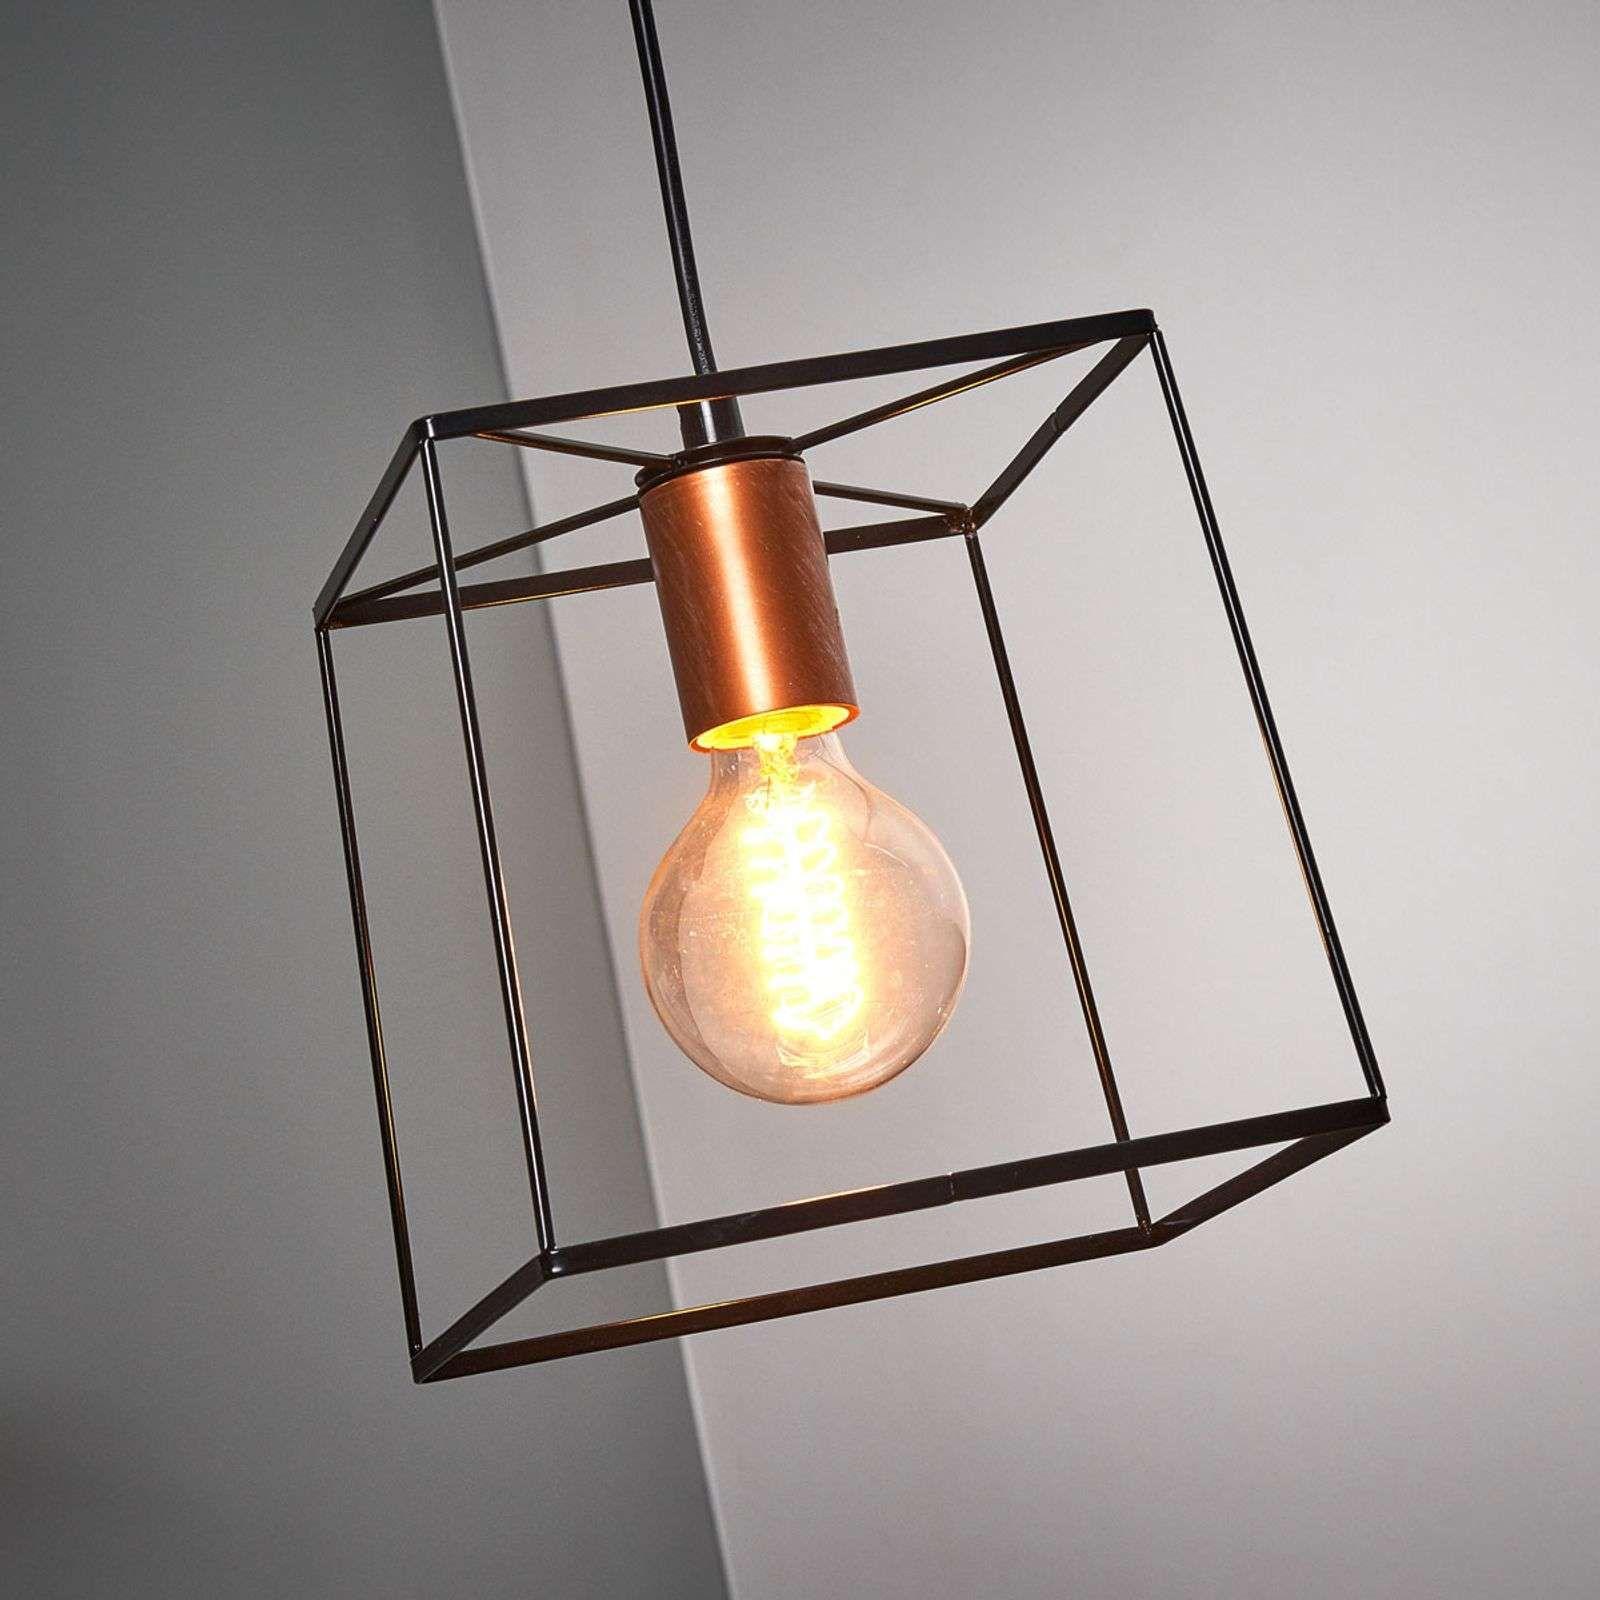 Esstisch Hängeleuchten Design Pendelleuchte Glas Pendelleuchten Höhenverstellbar Dimmbar Küchentisch Pende Hängeleuchte Metallgestell Glas Pendelleuchten